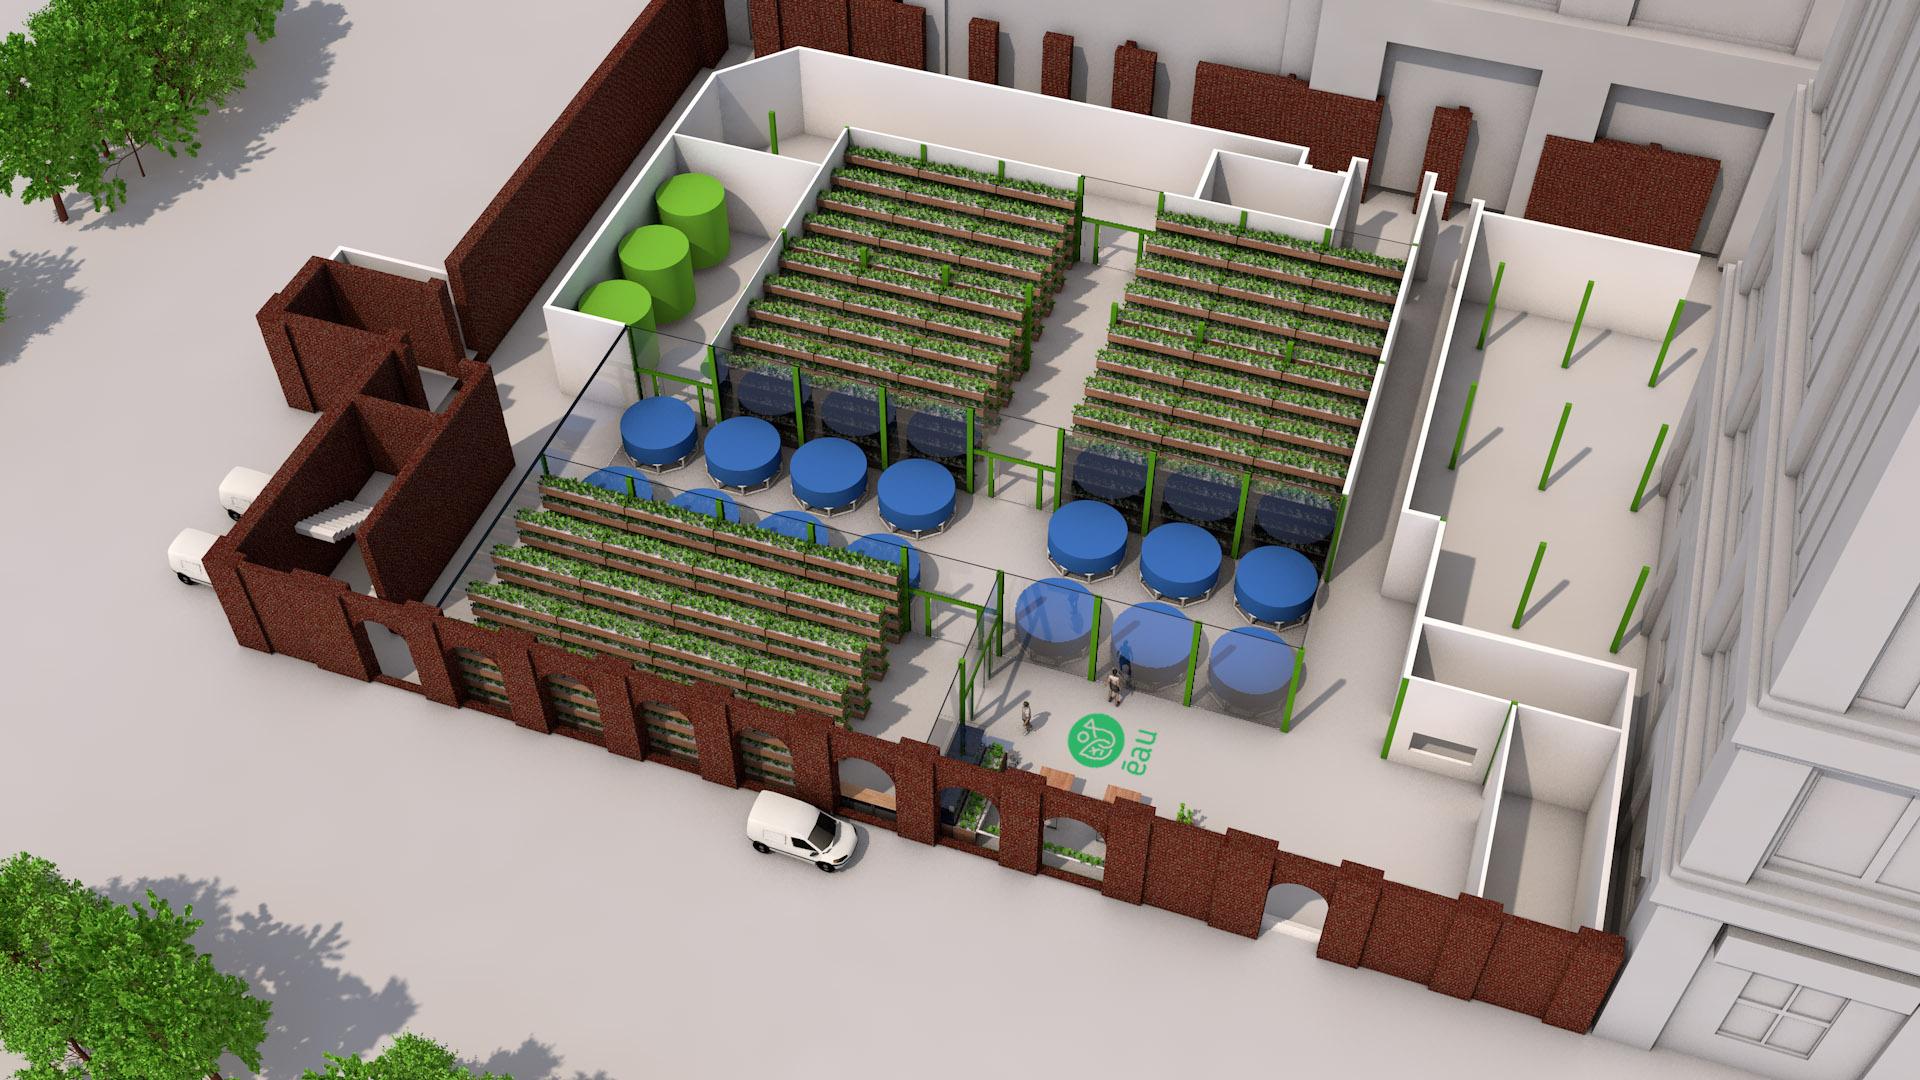 Nous développons des fermes aquaponiques qui produisent des aliments frais, sains et locaux, toute l'année, quelles que soient les conditions climatiques